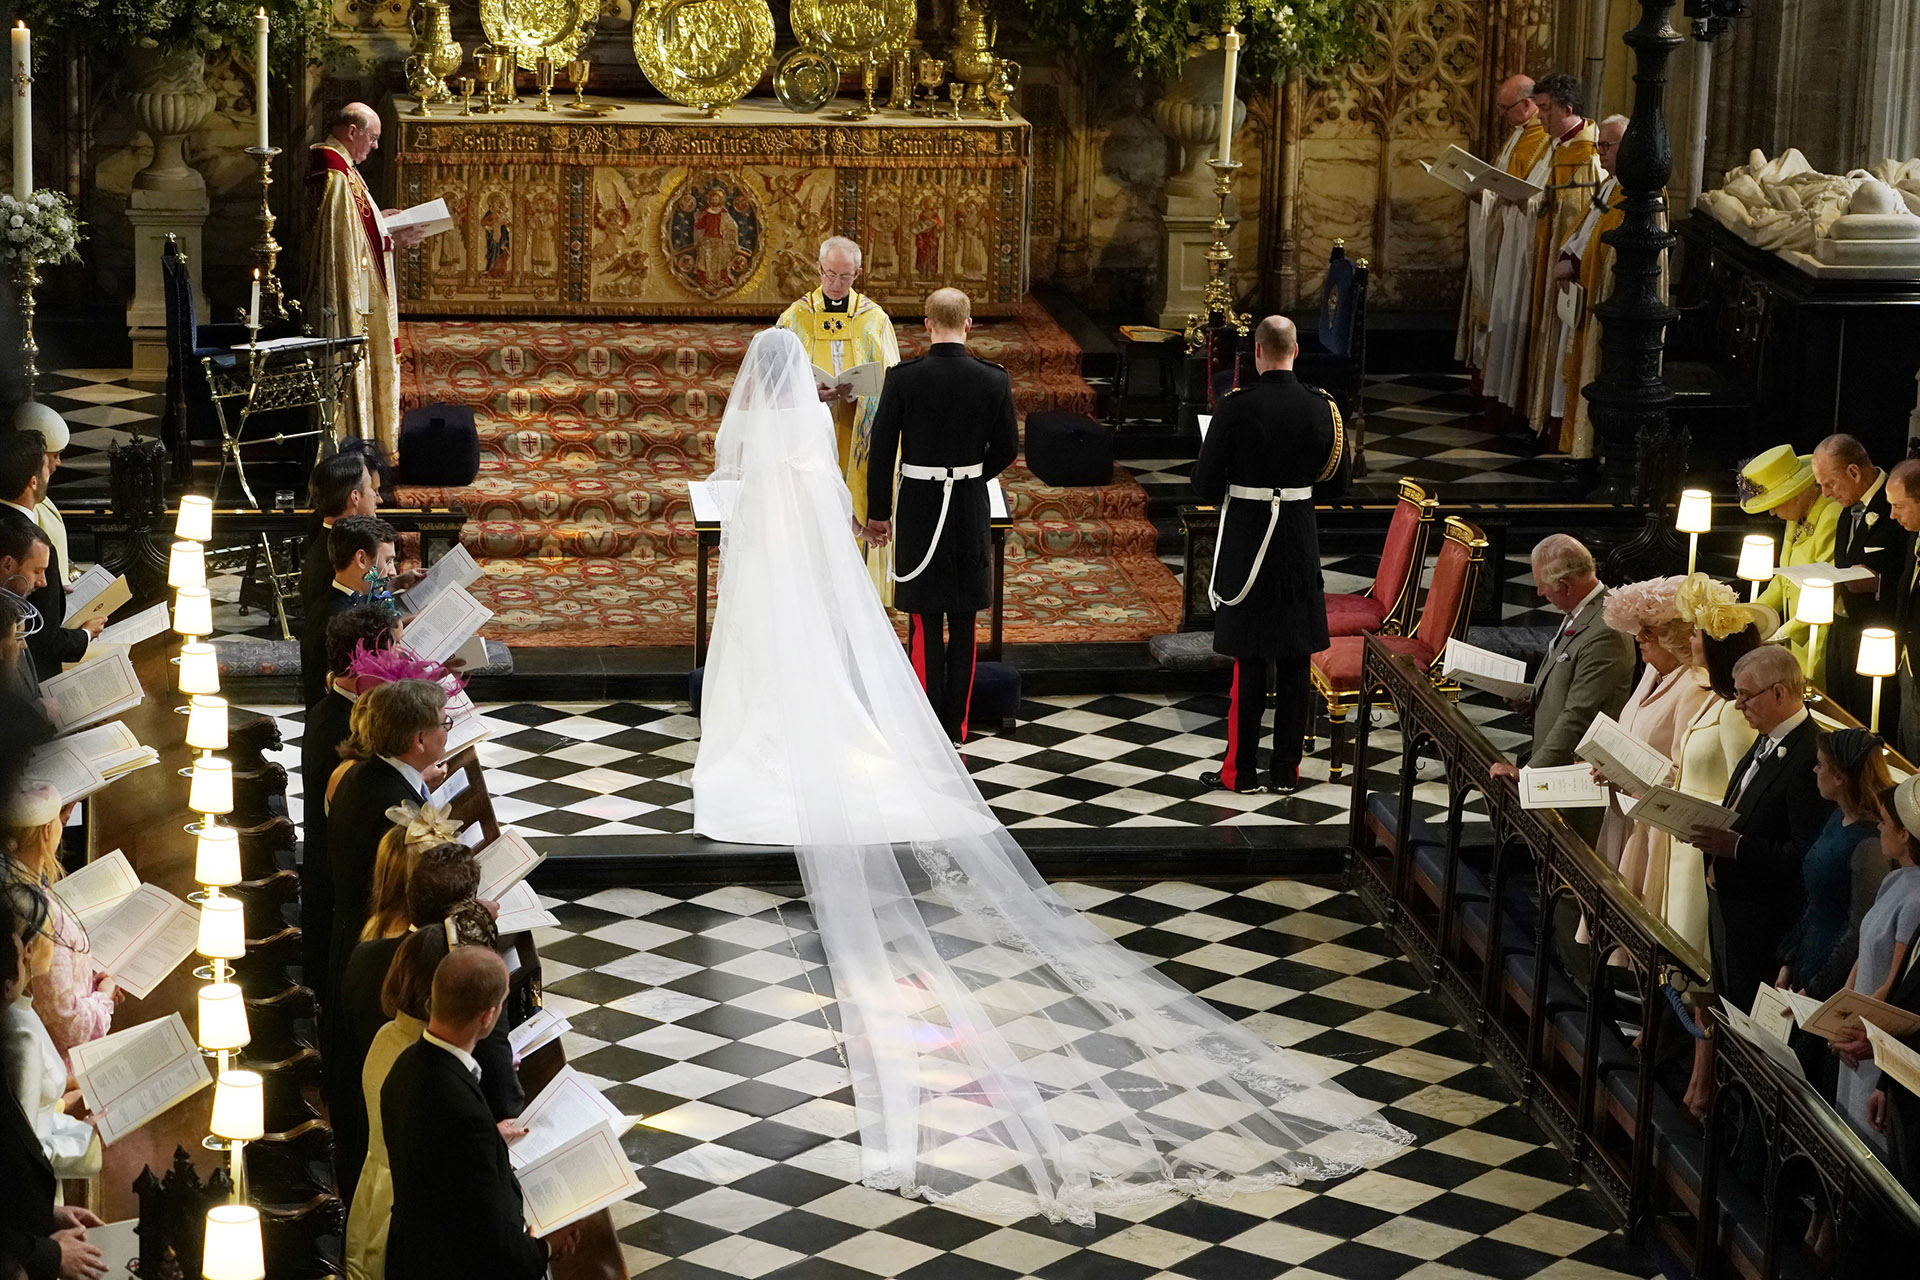 En el altar los esperaban el reverendo David Conner, decano de Windsor, el arzobispo de Canterbury y el obispo Michael Bruce Curry, presidente de la Iglesia Episcopal de los Estados Unidos (AFP)